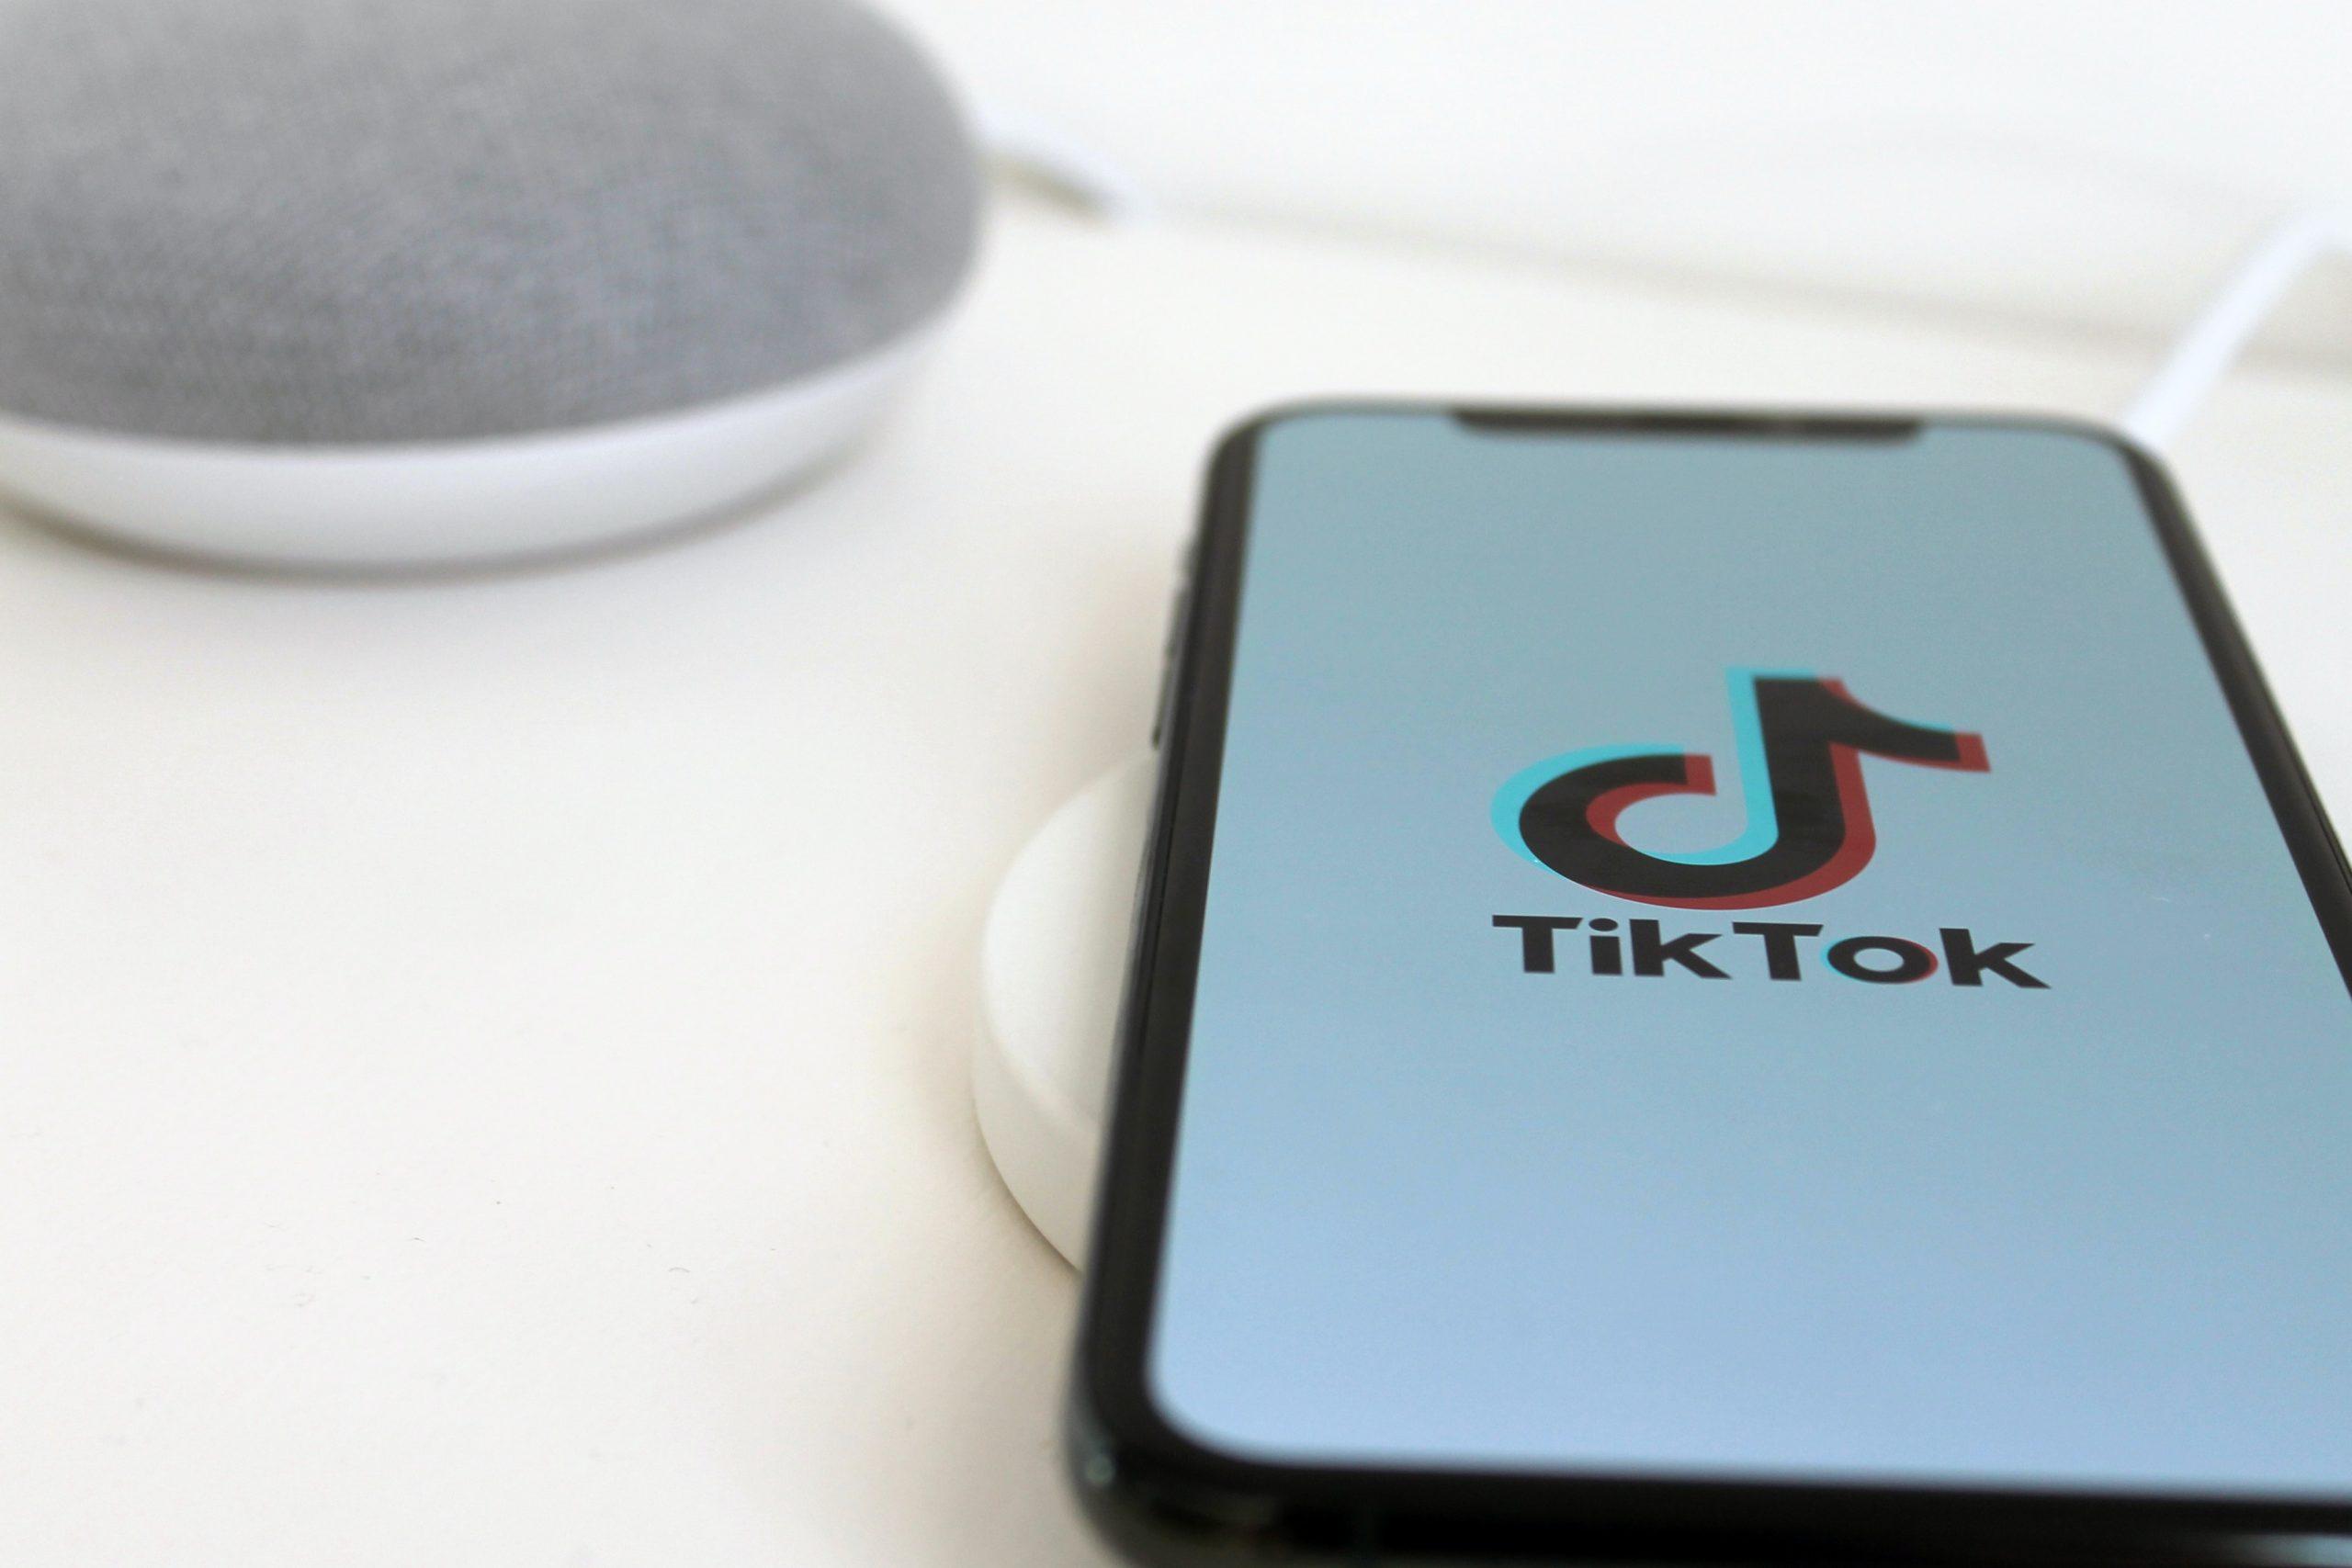 L'importance des «hashtags» sur l'application TikTok